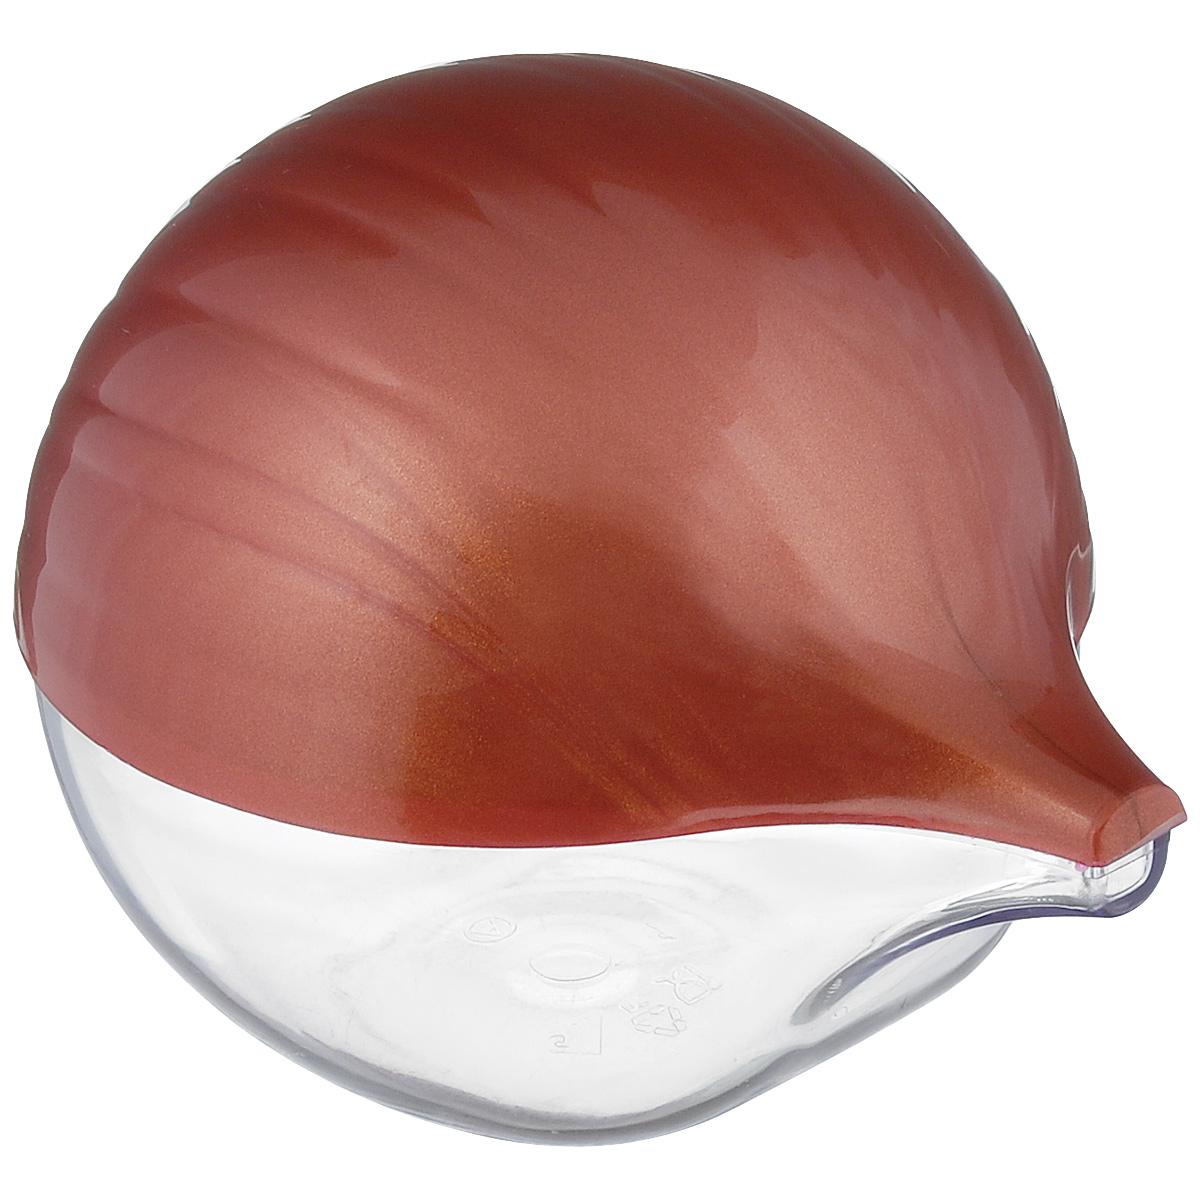 Емкость для лука Альтернатива, цвет: прозрачный, красно-коричневый21395599Емкость для хранения репчатого лука Альтернатива, изготовленная из пластика с полупрозрачной крышкой, дольше сохранит полезные свойства разрезанного лука, предотвратит распространение запаха и сбережет лук от высыхания. Оригинальный дизайн контейнера, выполненного в виде луковицы, украсит ваш кухонный стол.